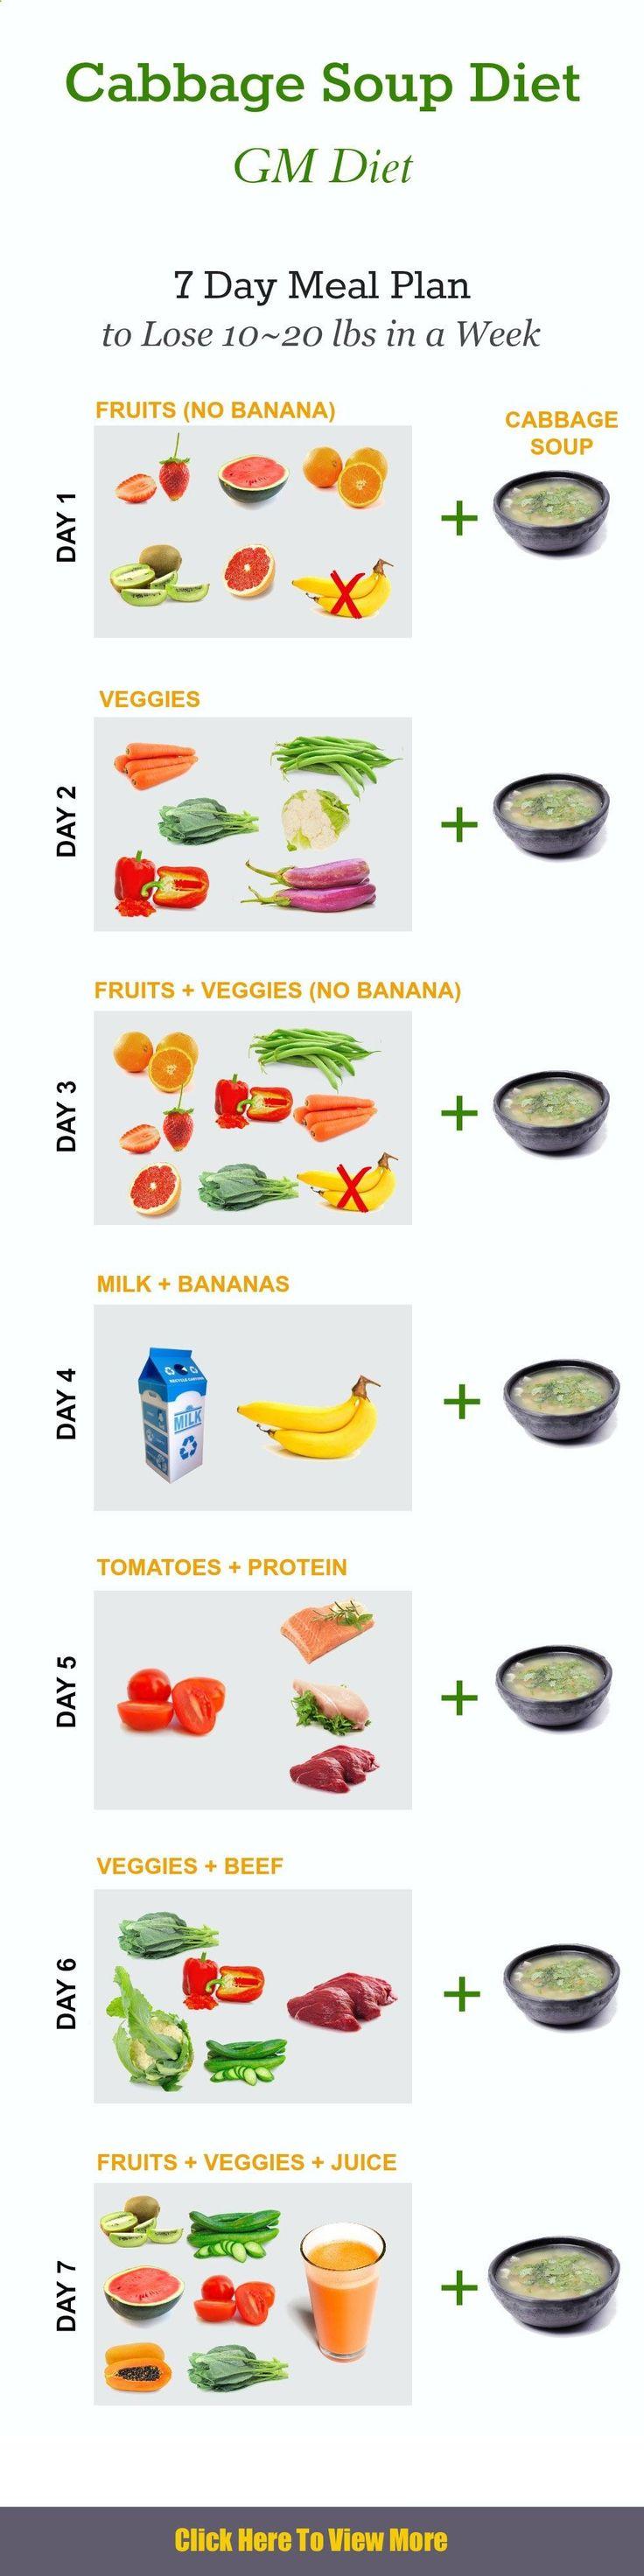 Hormone imbalance weight loss diet photo 8